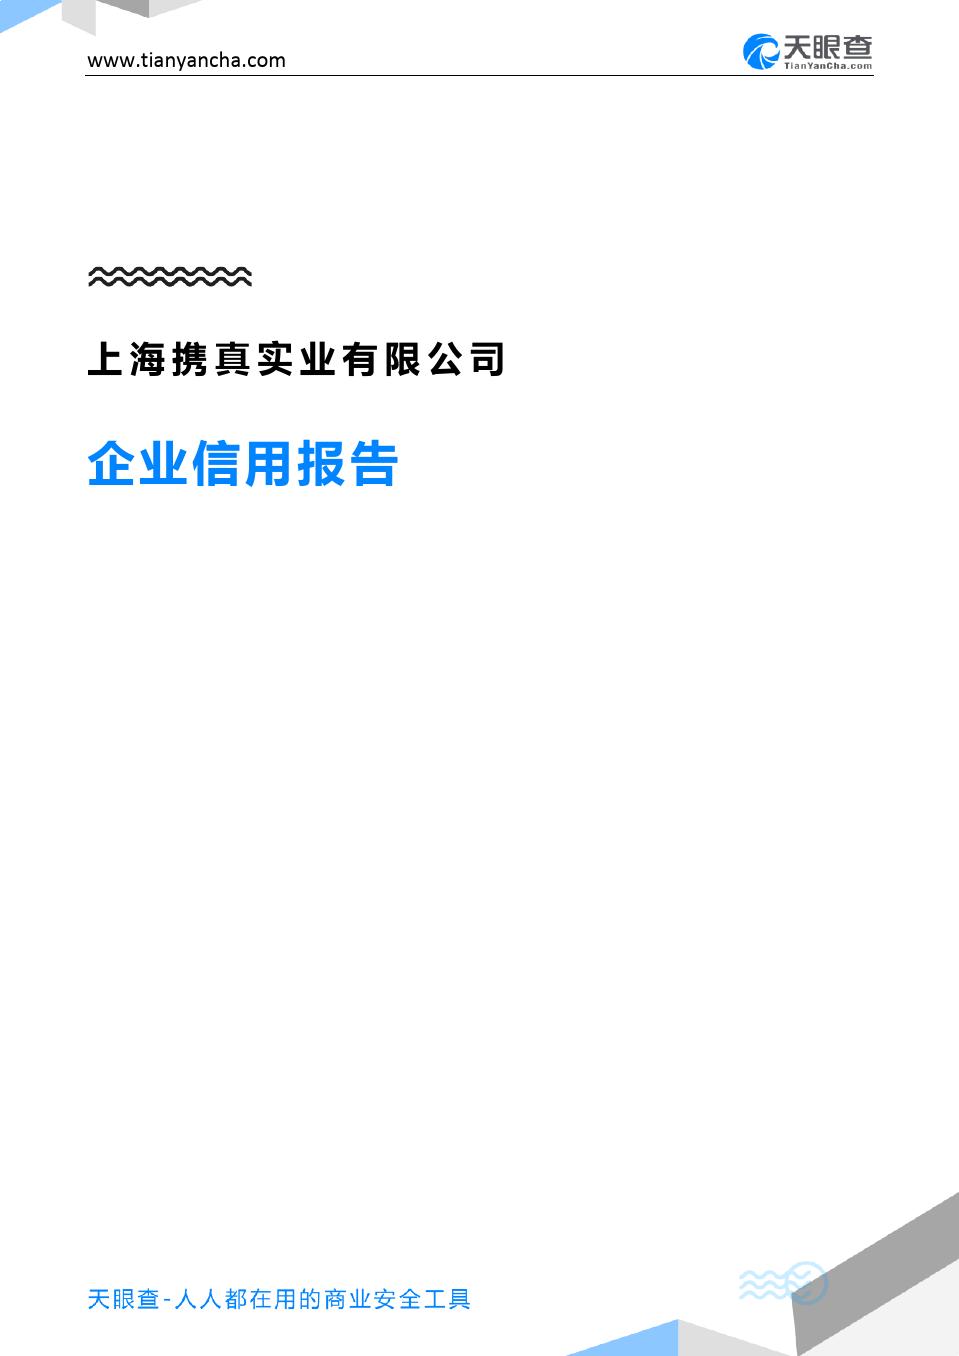 上海携真实业有限公司企业信用报告-天眼查